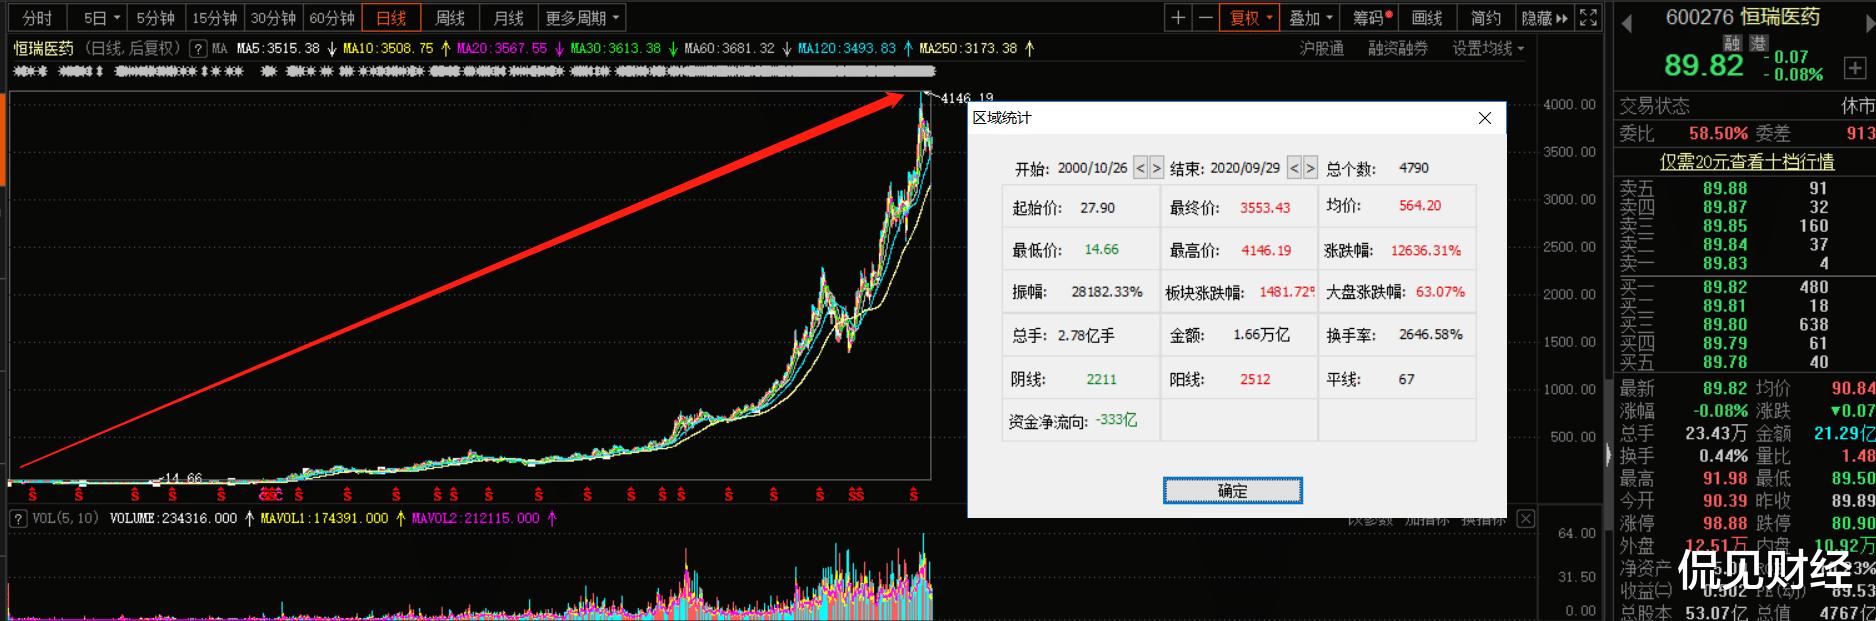 """股價大跌40%,商譽超90億,民營醫藥巨頭的""""捷徑""""還能走多遠?-圖6"""